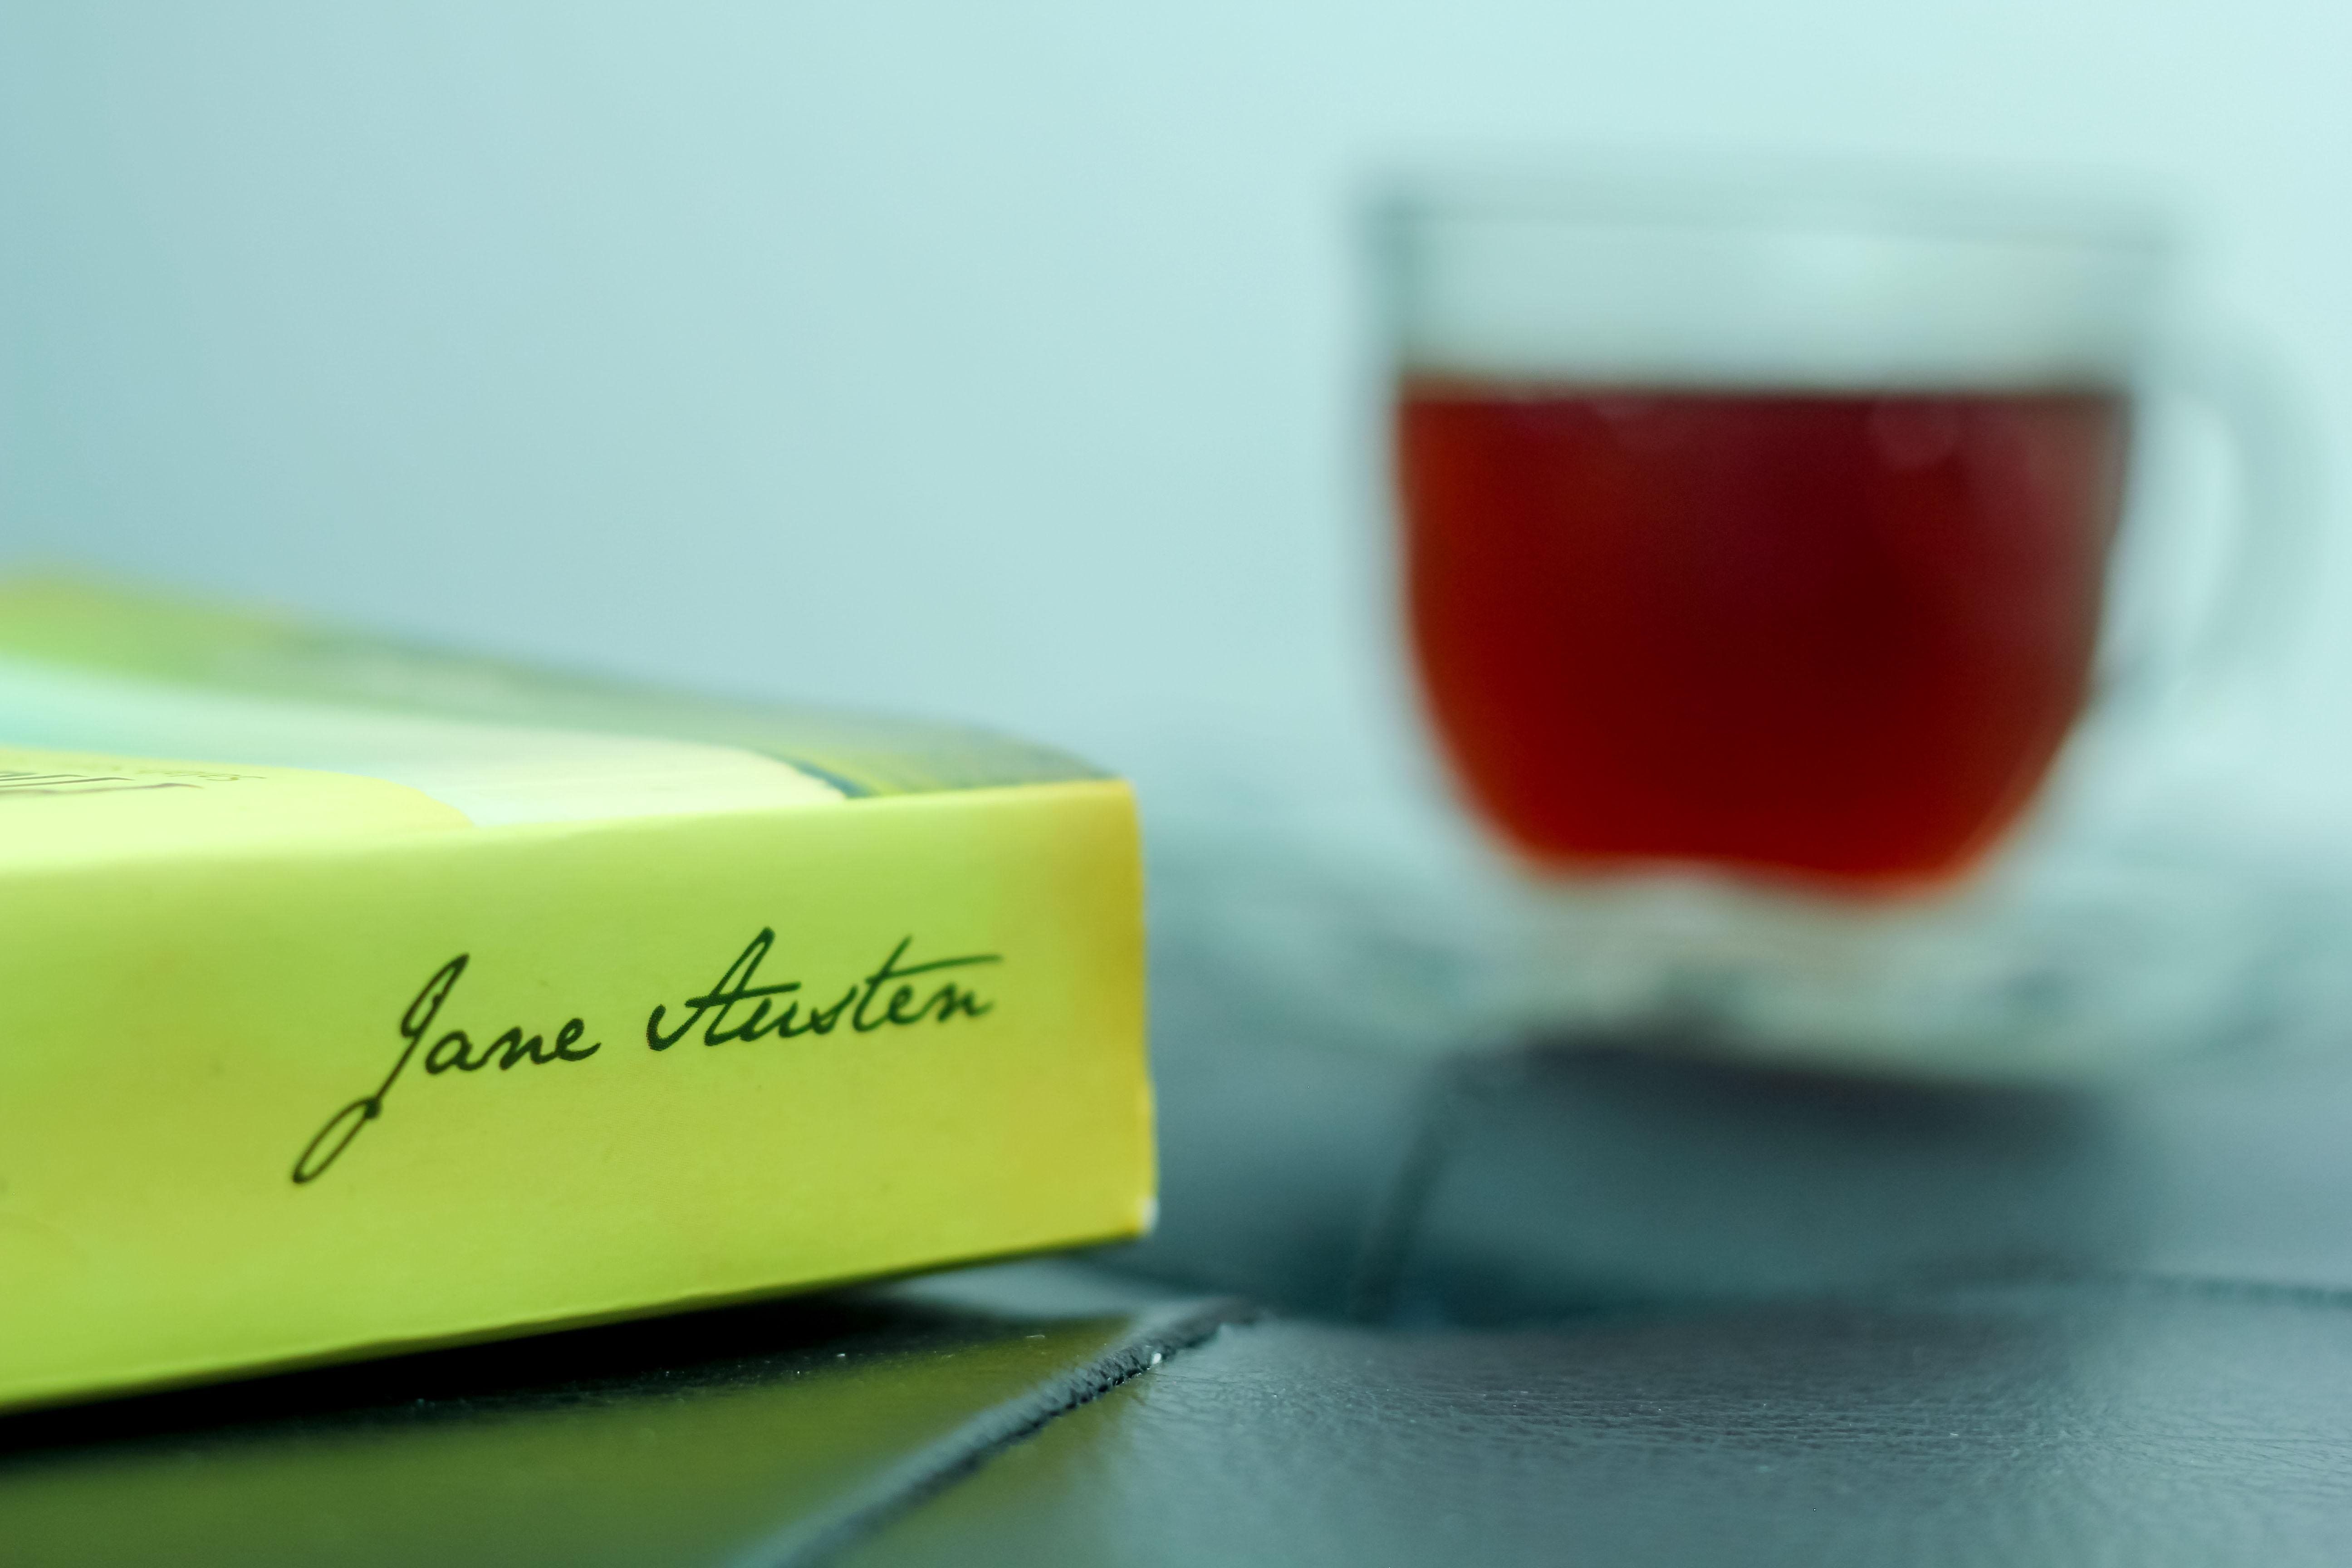 Jane Austen Has Invited Me To Tea